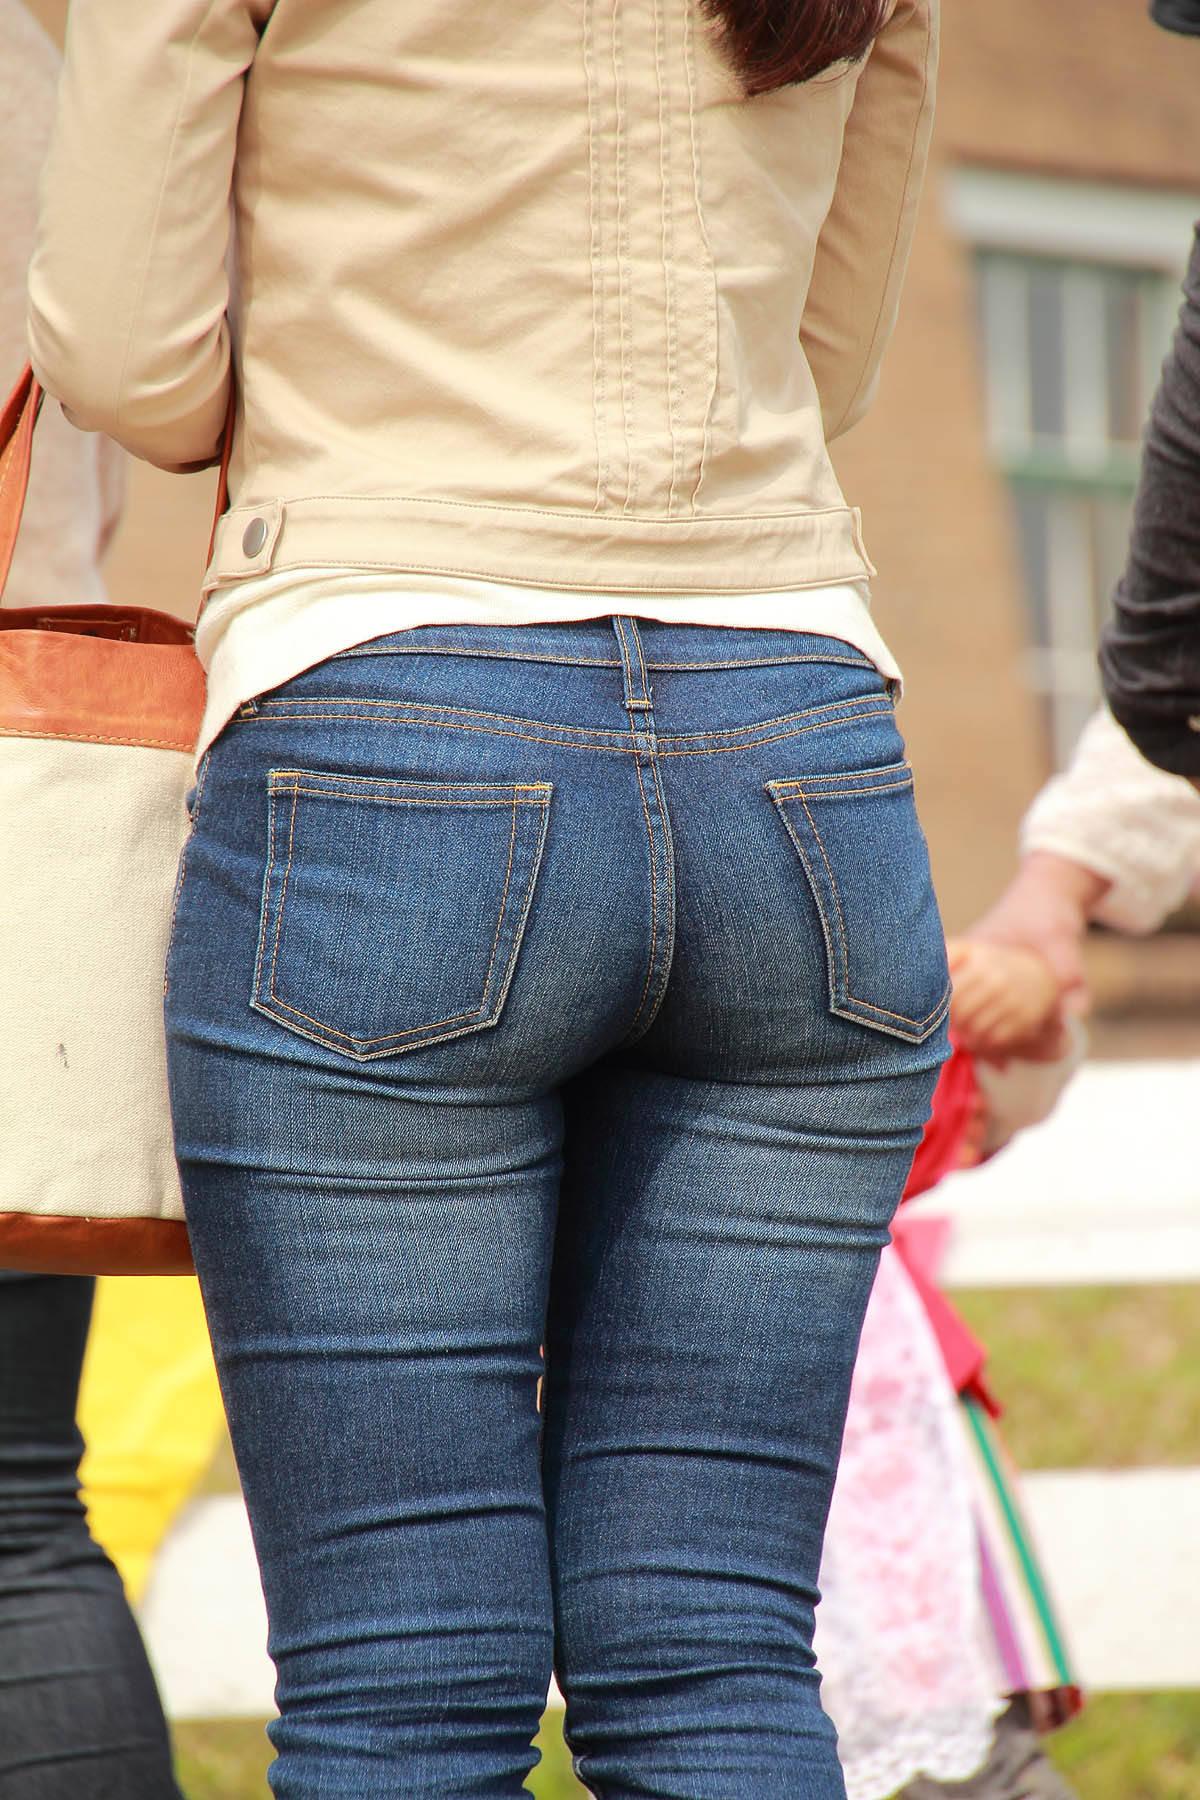 デニムを履いたお姉さんのお尻のエロさは異常www素人街撮り画像www 21170